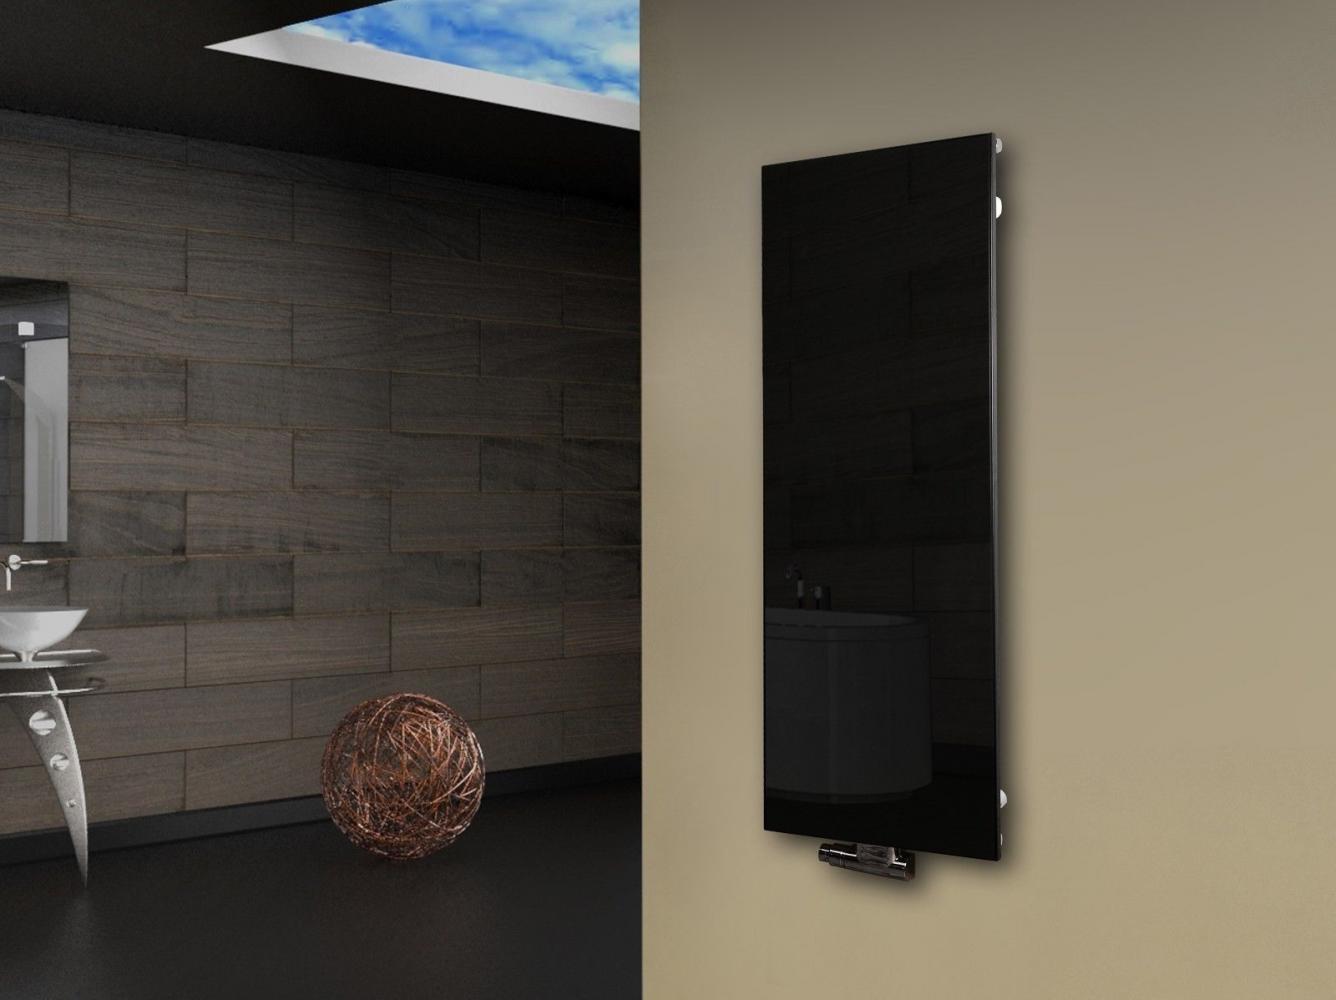 Full Size of Heizkörper Schwarz Badheizkrper Design Montevideo Glasfront 120x47cm 799 W Für Bad Bett Weiß Schwarze Küche 180x200 Wohnzimmer Badezimmer Wohnzimmer Heizkörper Schwarz